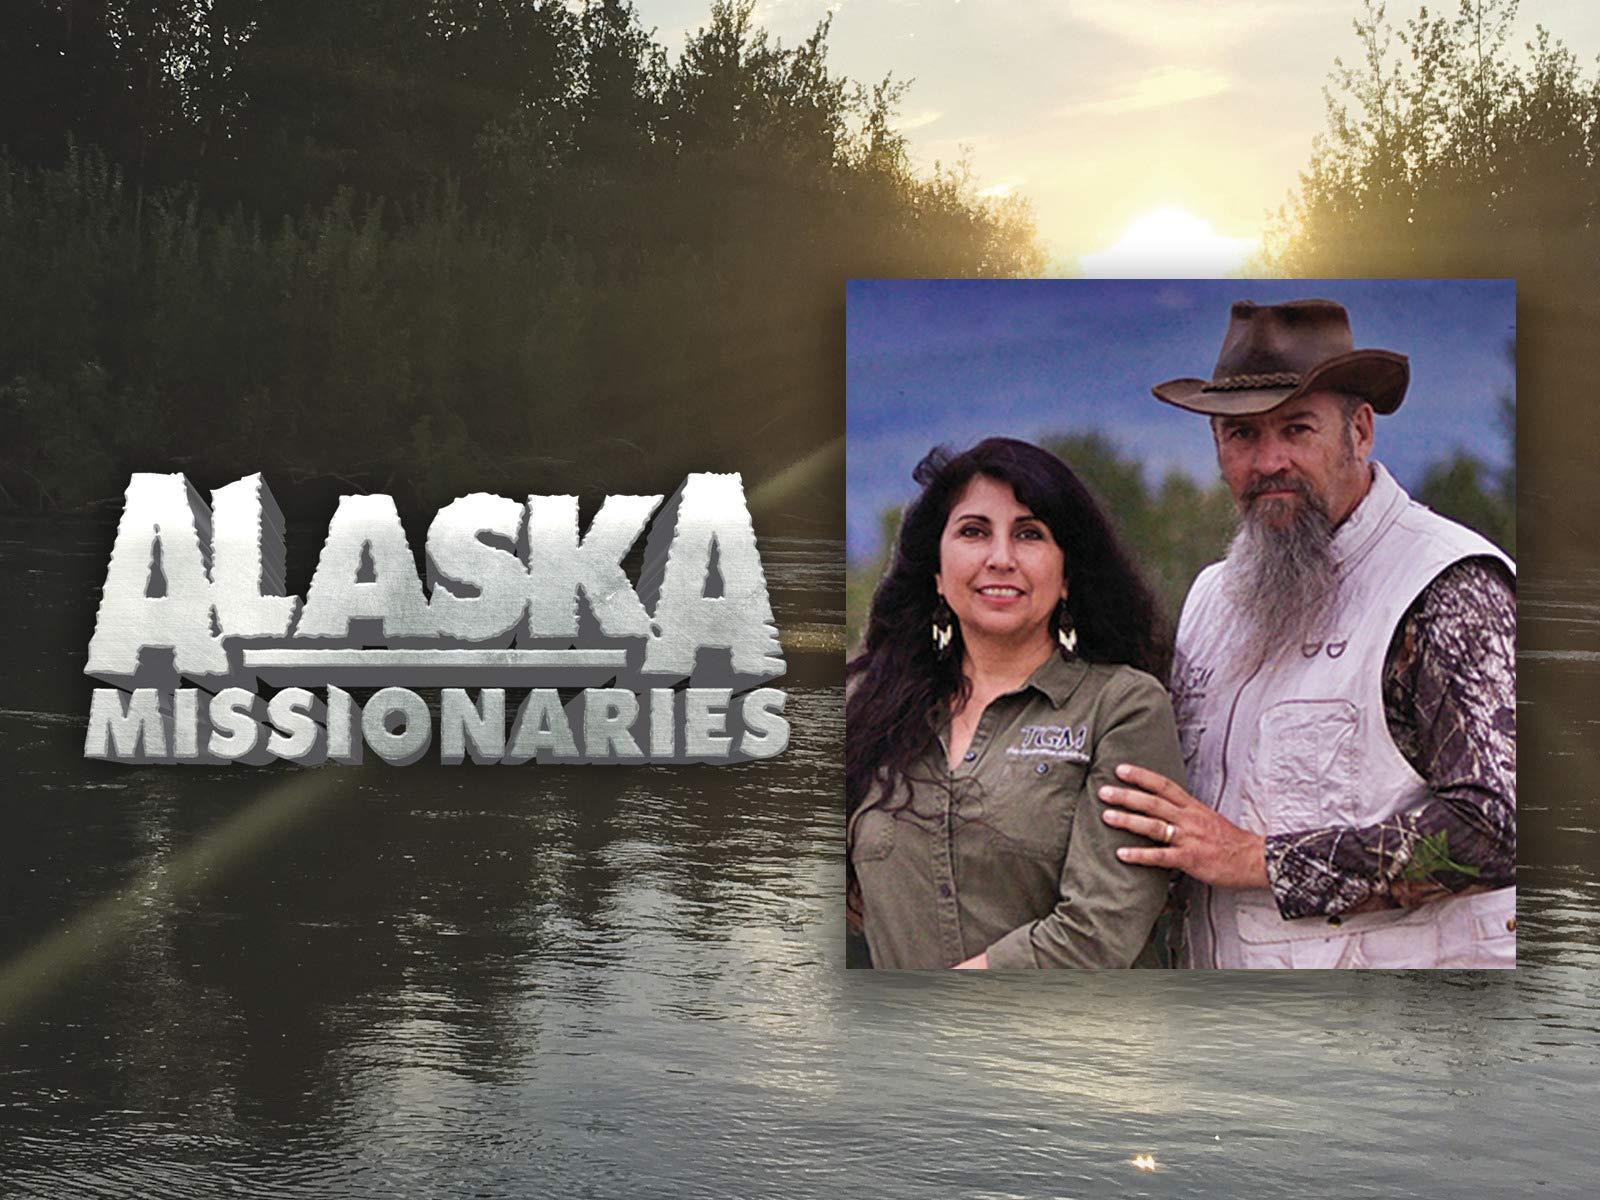 Alaska Missionaries - Season 1